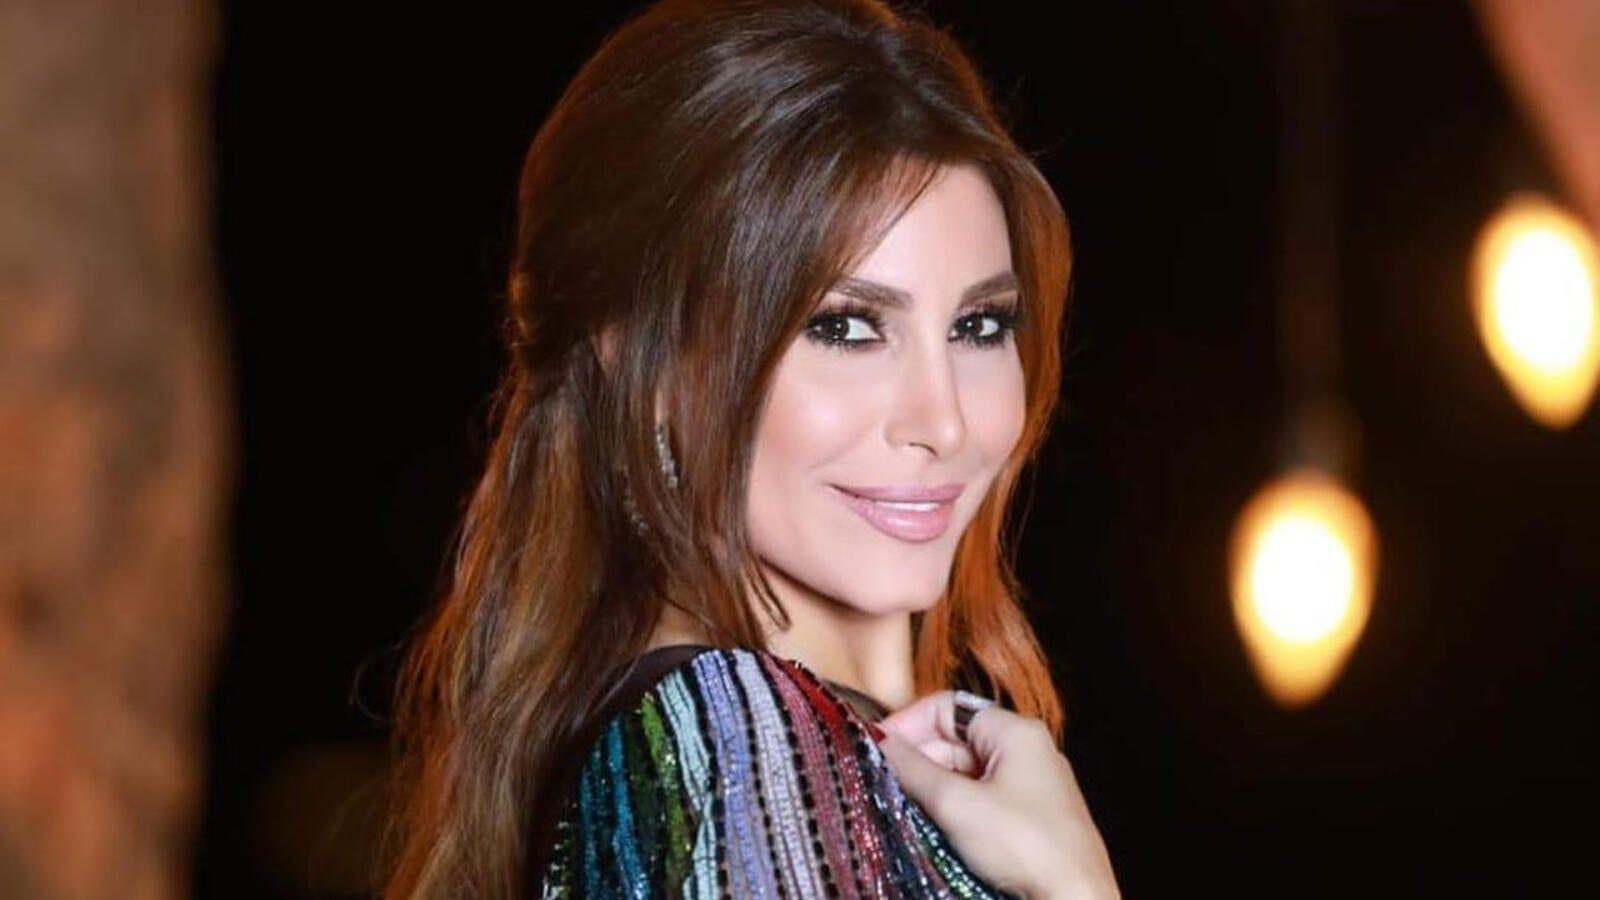 يارا تطلق جديدها على طاري الغلا فيديو Yara Long Hair Styles Hair Styles